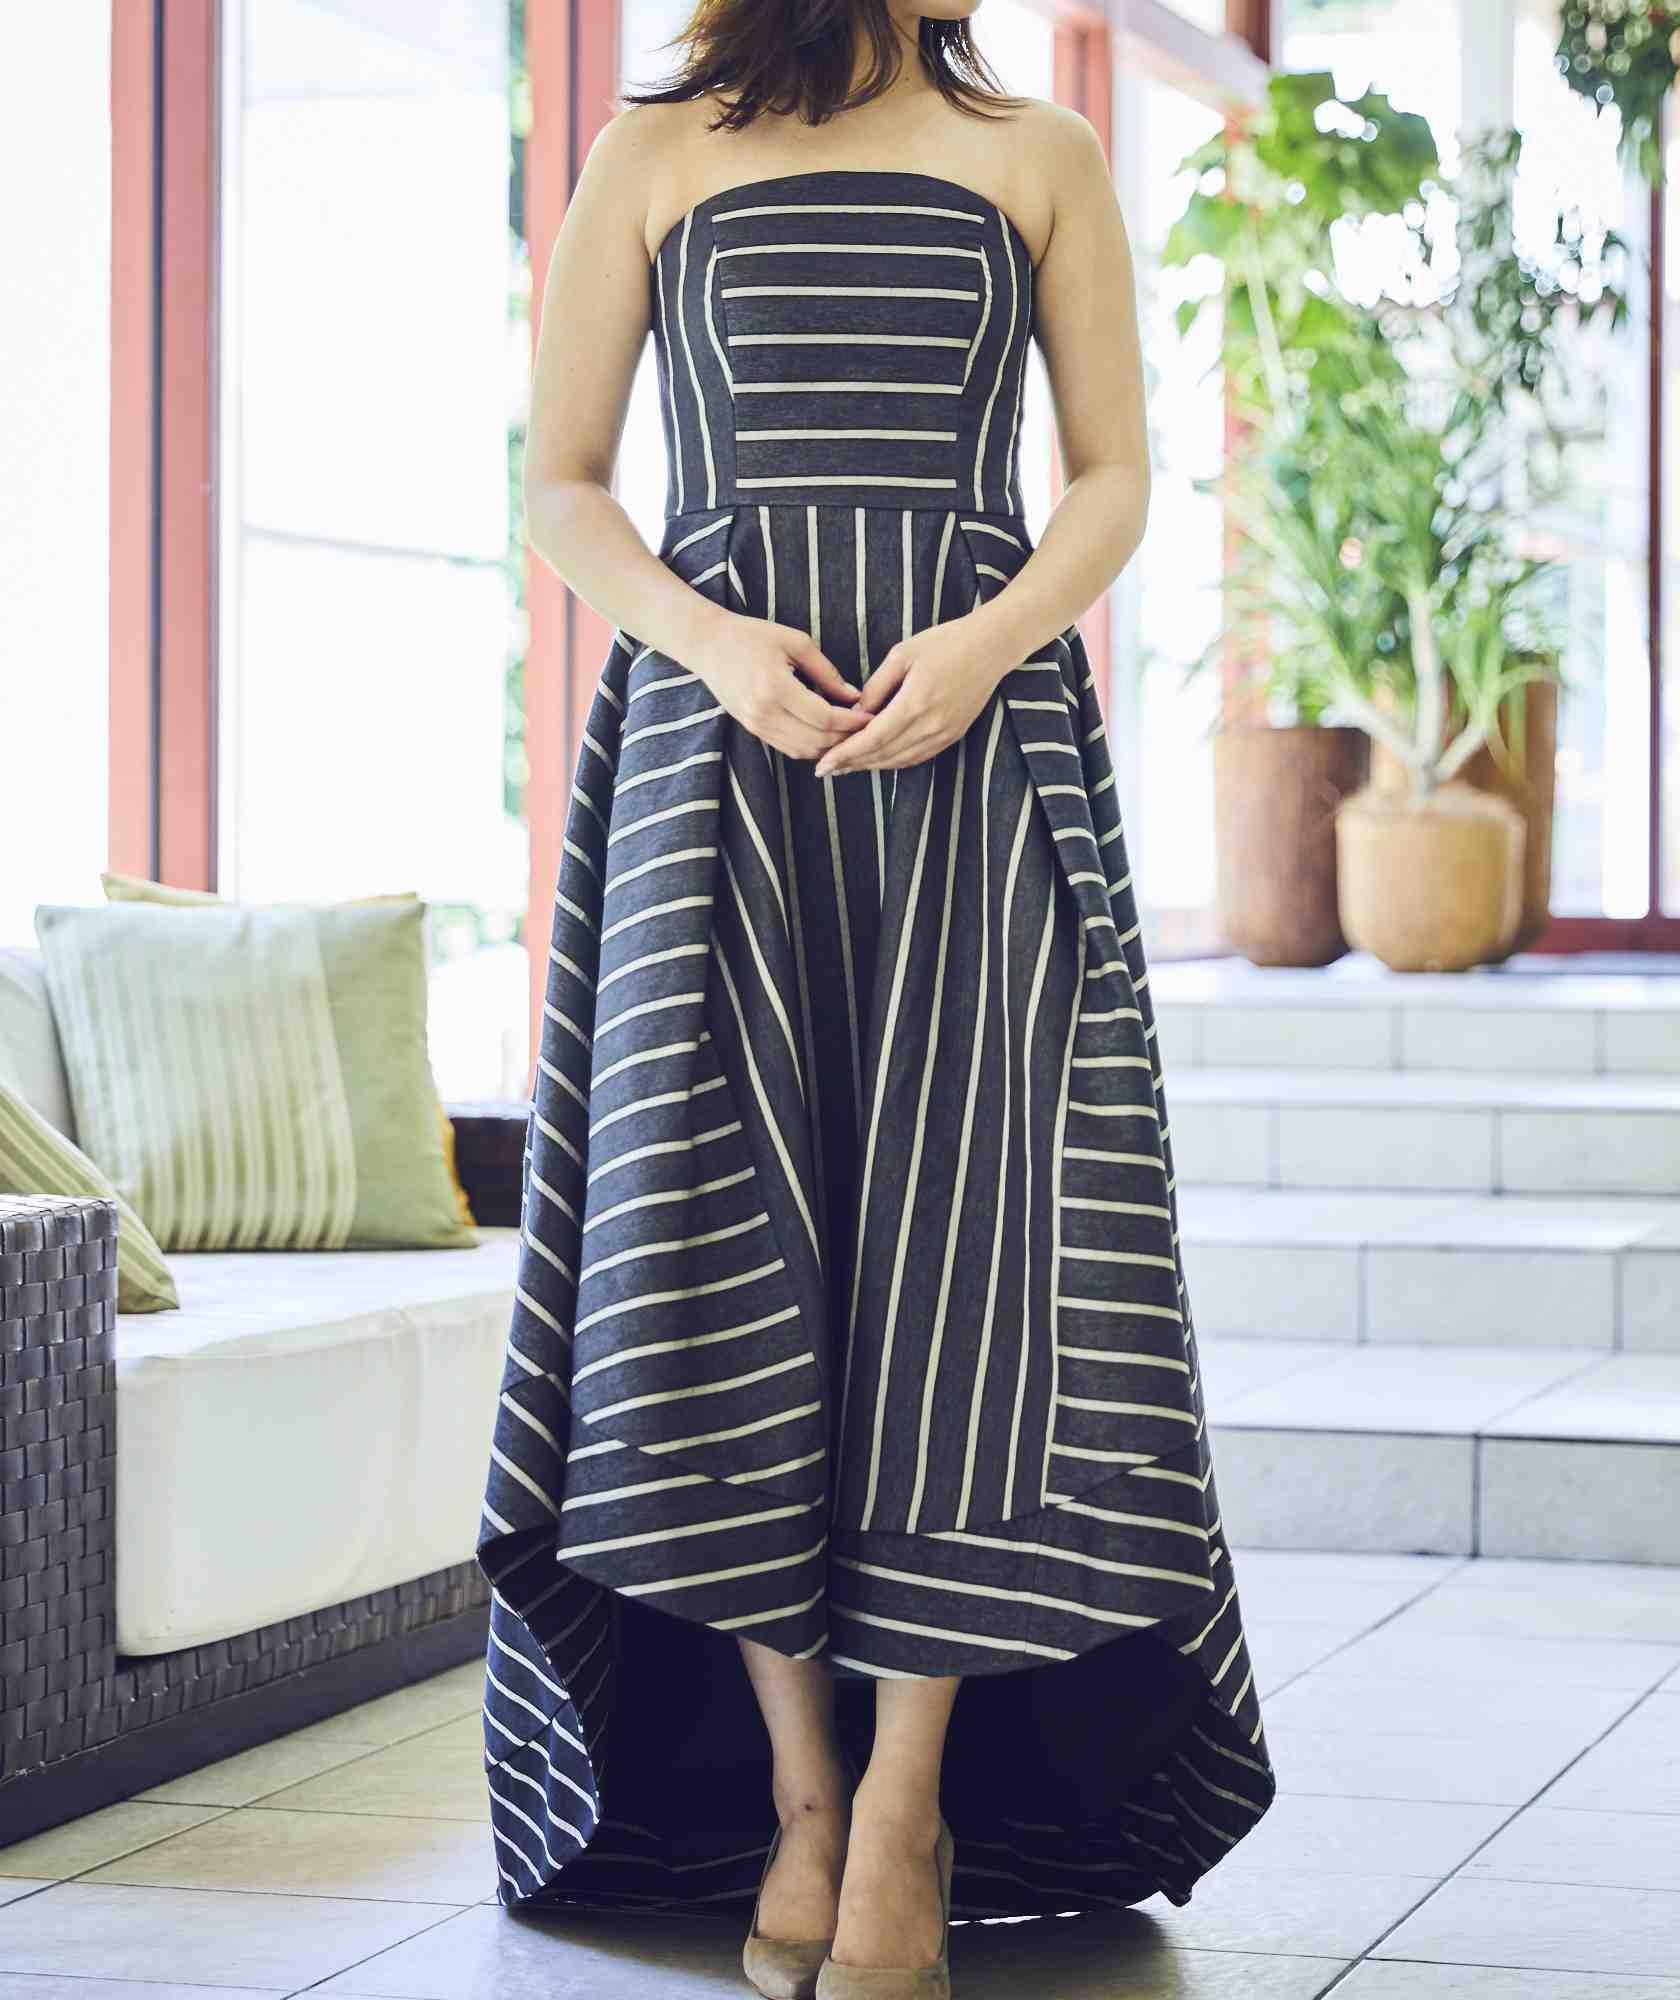 ボリュームラインカラーベアロングテールミディアムドレス-ブラック-S